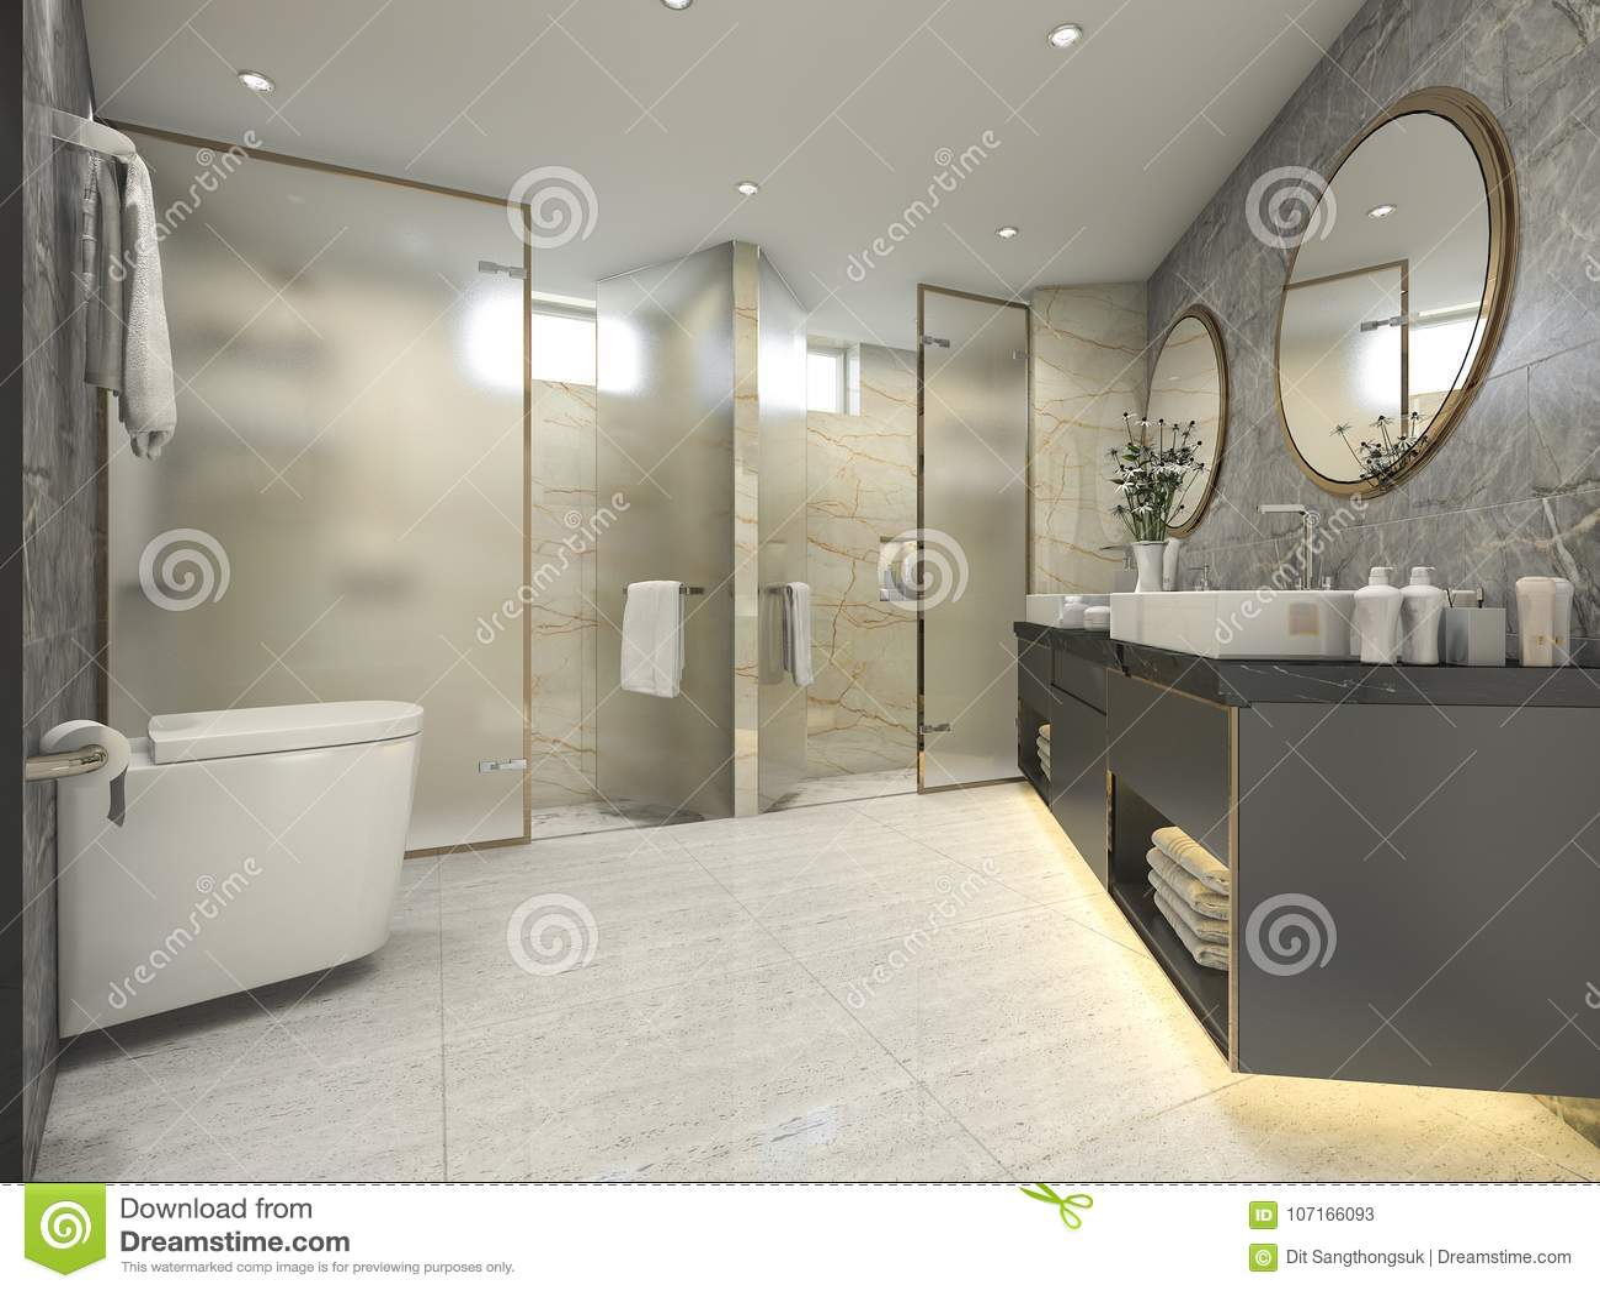 External decor of the bathroom - pleases 96